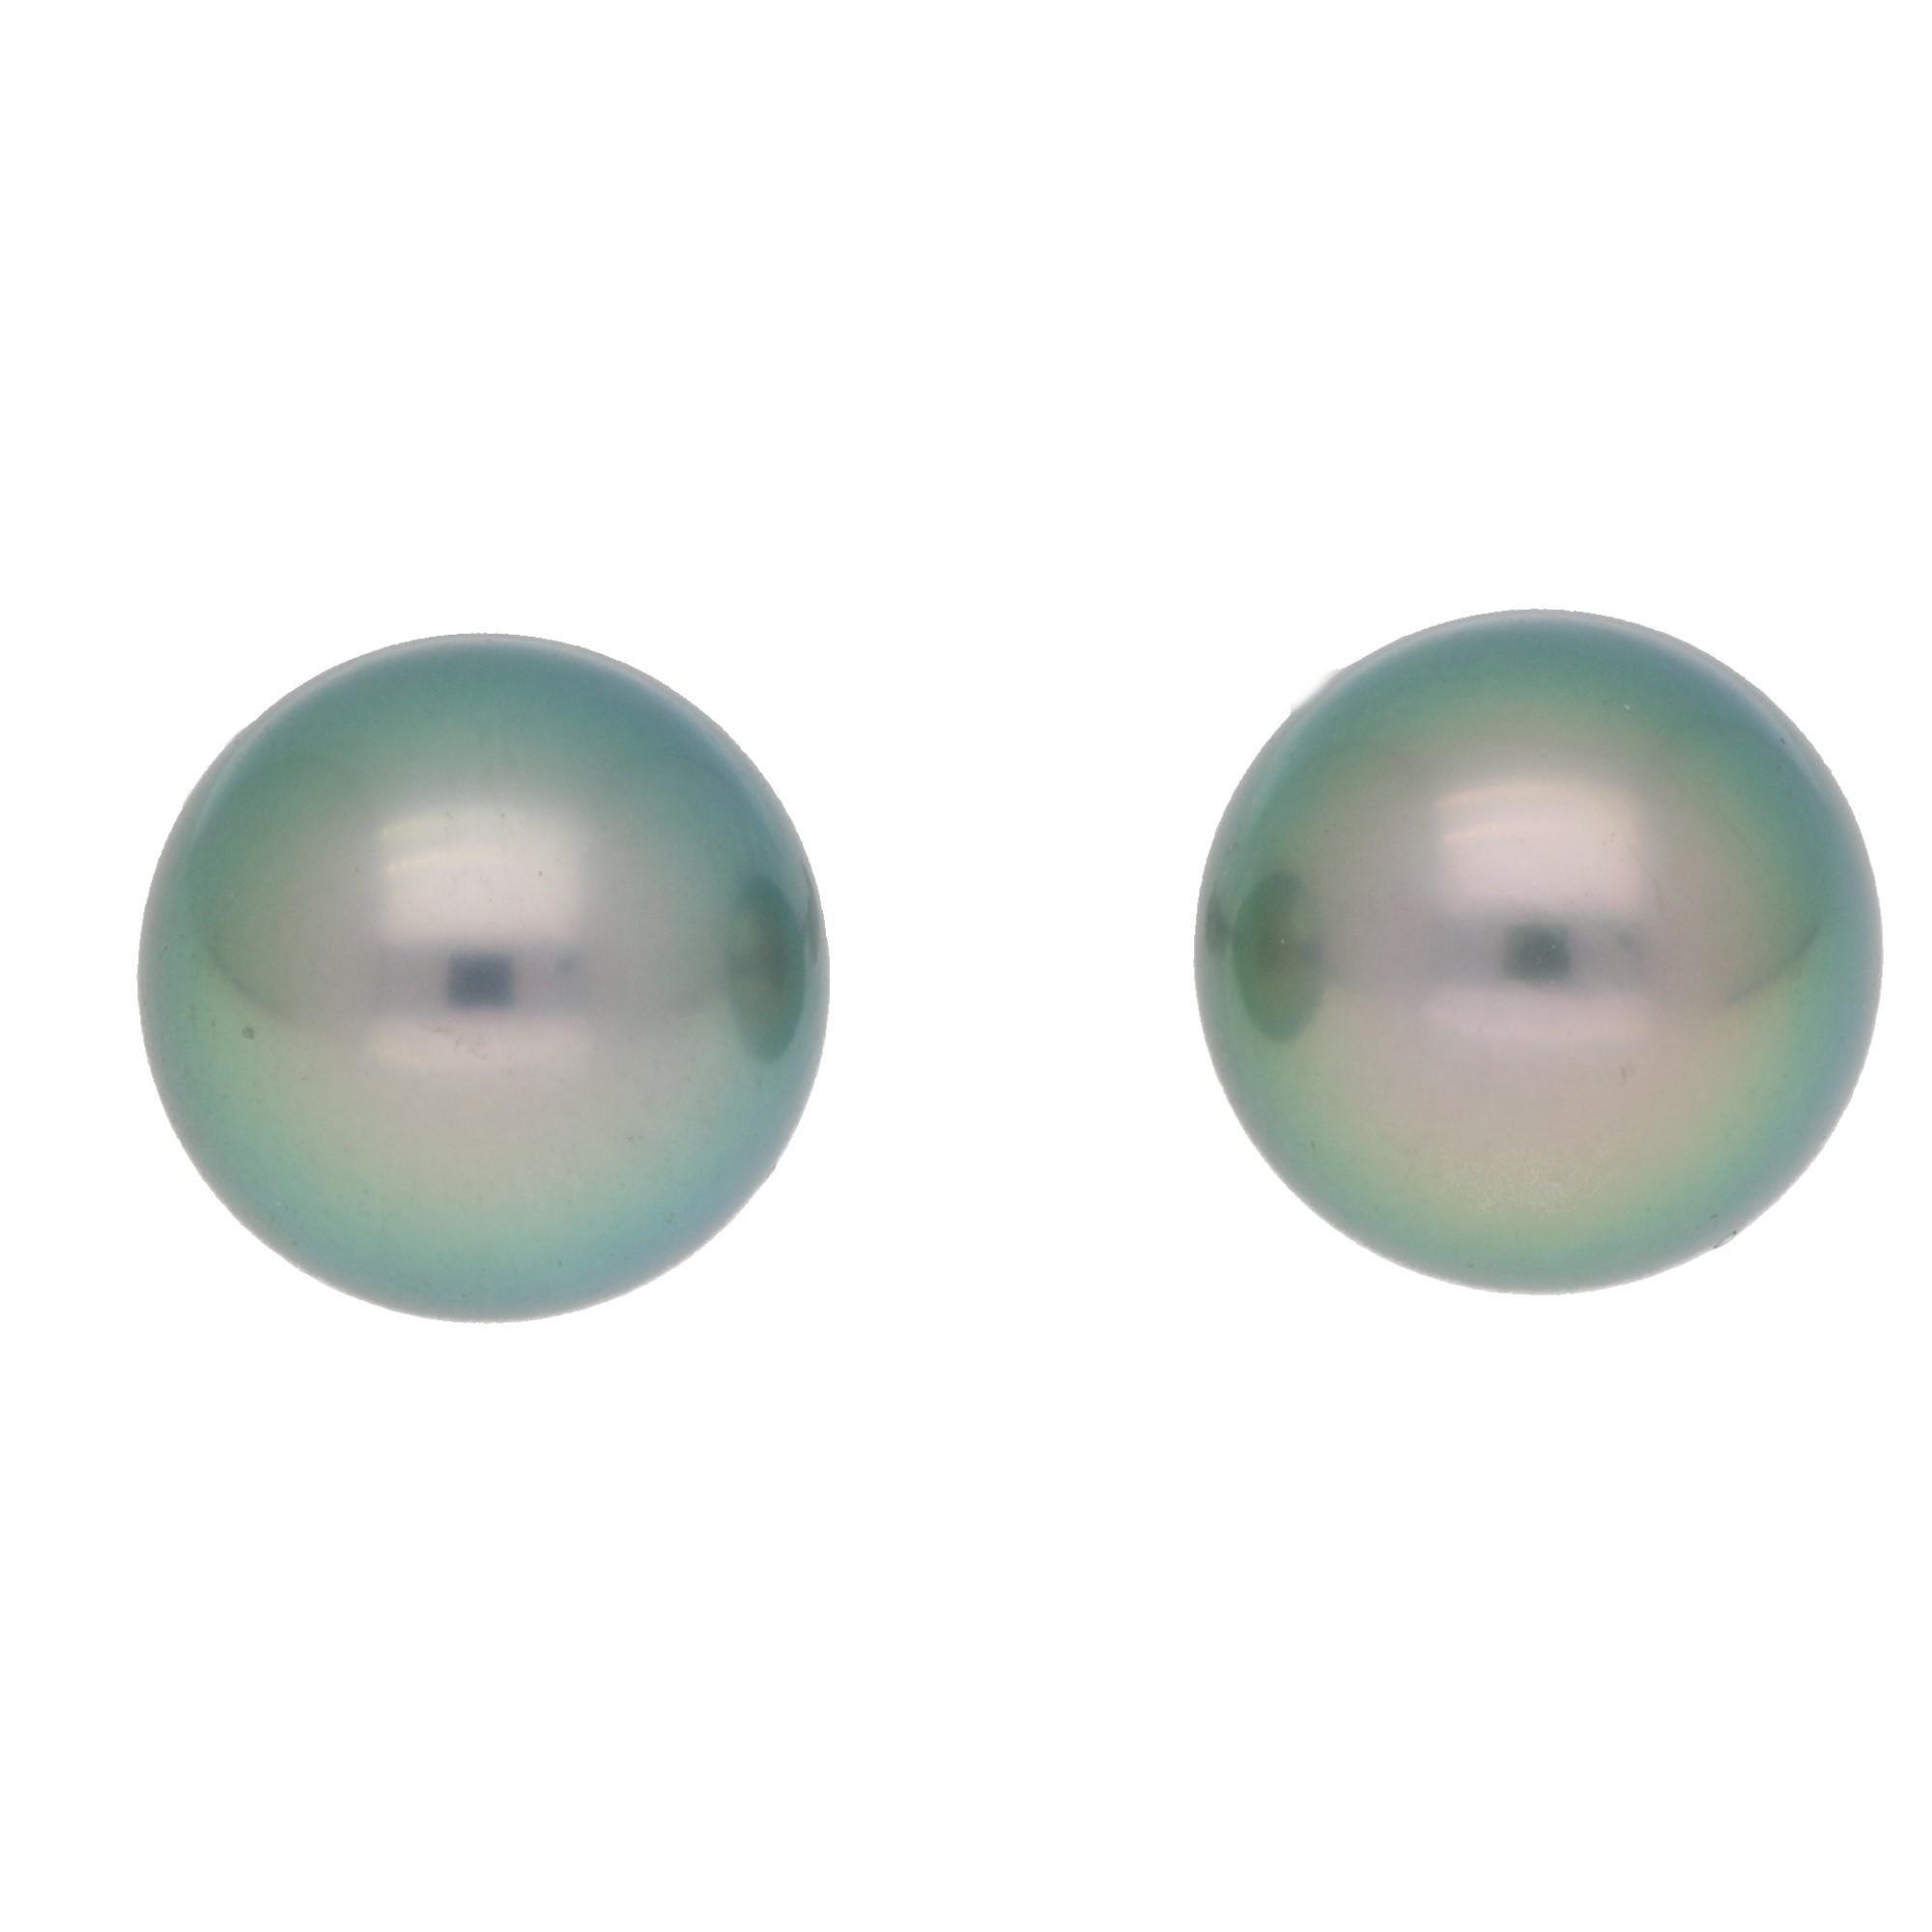 Tahitian Black Pearl Stud Earrings in 18 Karat White Gold